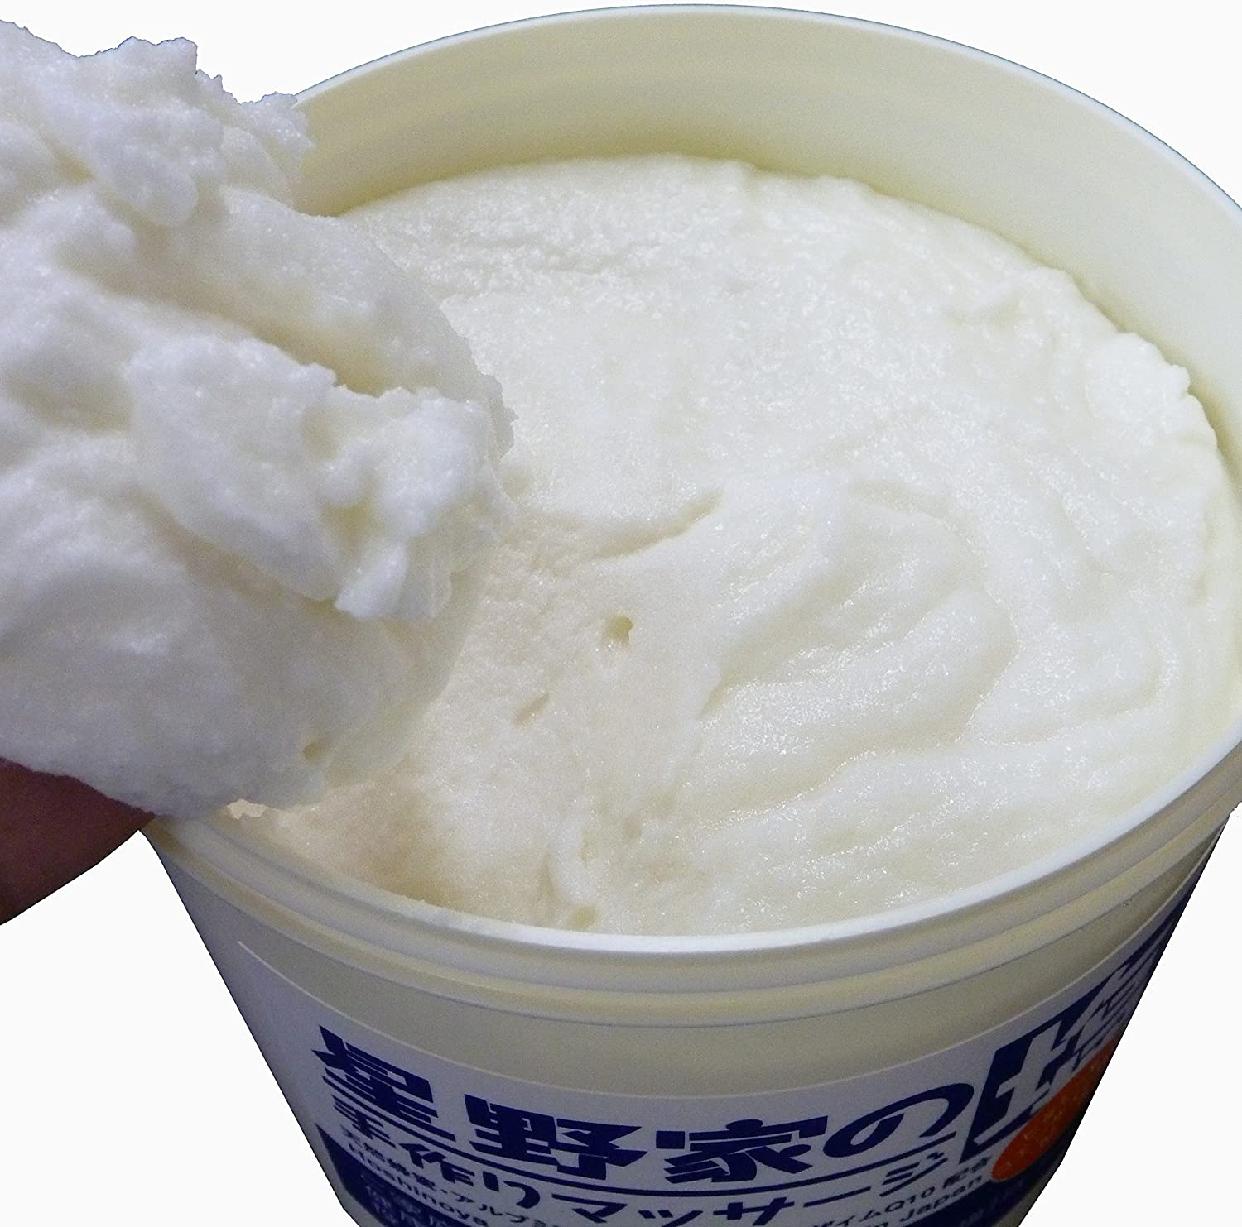 星野家(ほしのや)星野家の手作りマッサージ塩の商品画像2